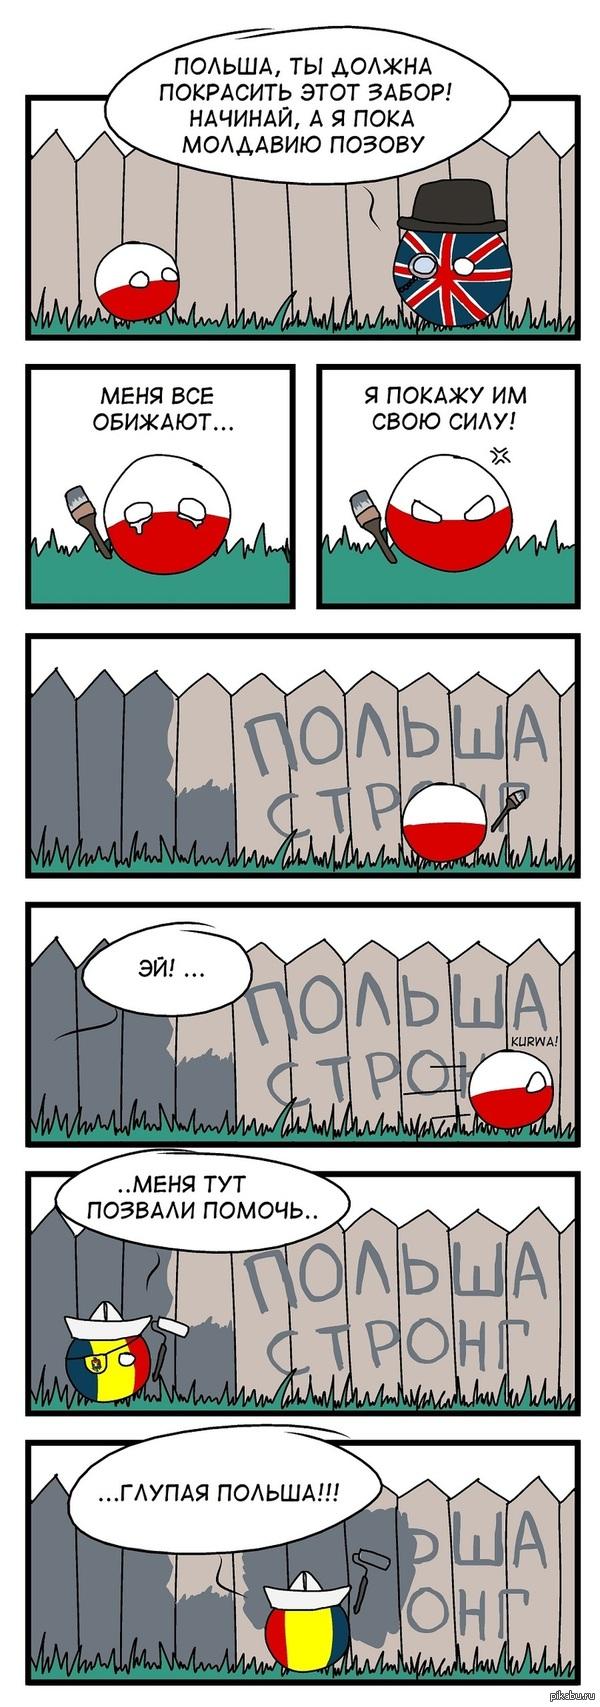 Забор и Польша